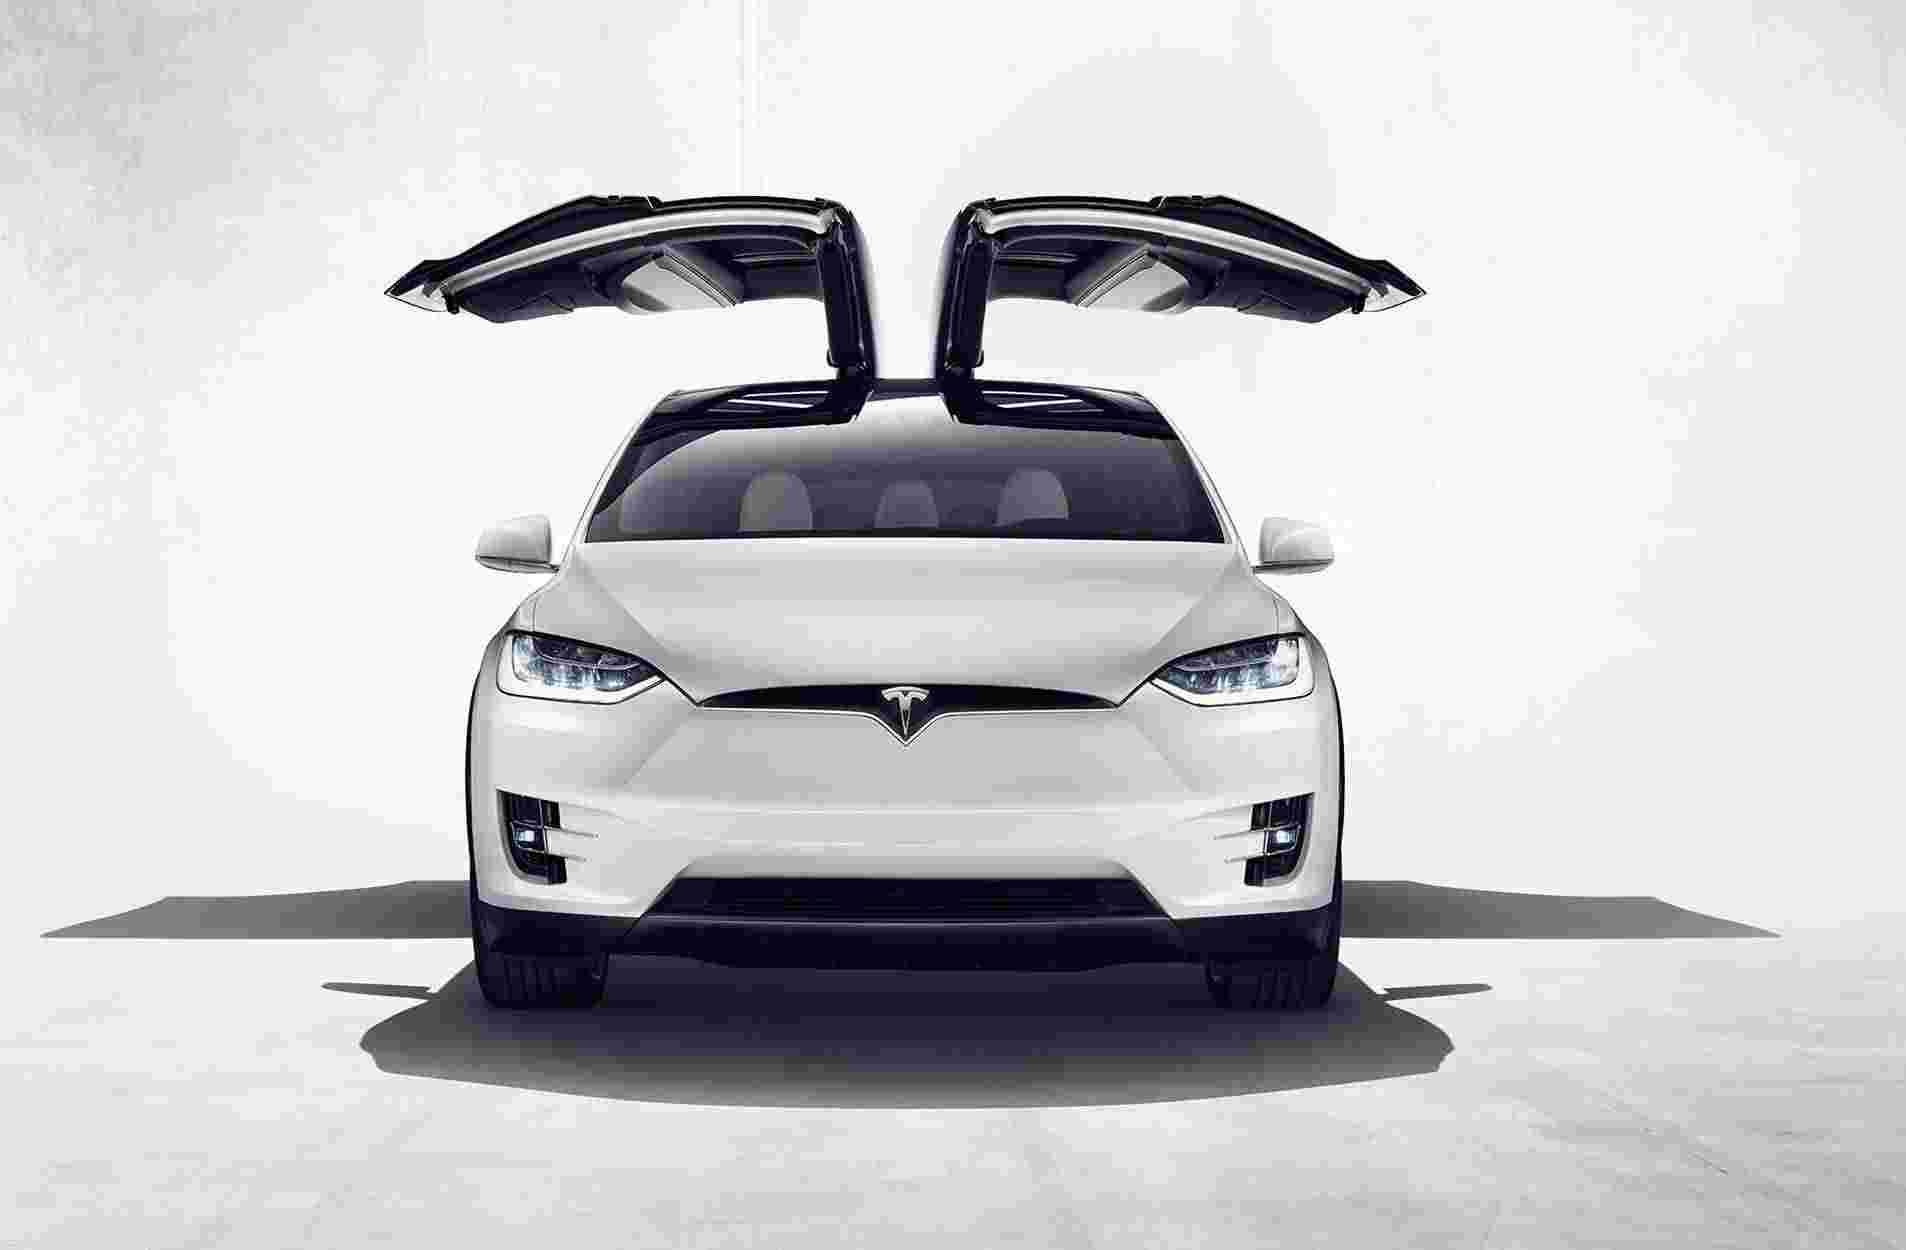 特斯拉与供应商就Model X欧翼门故障达成和解